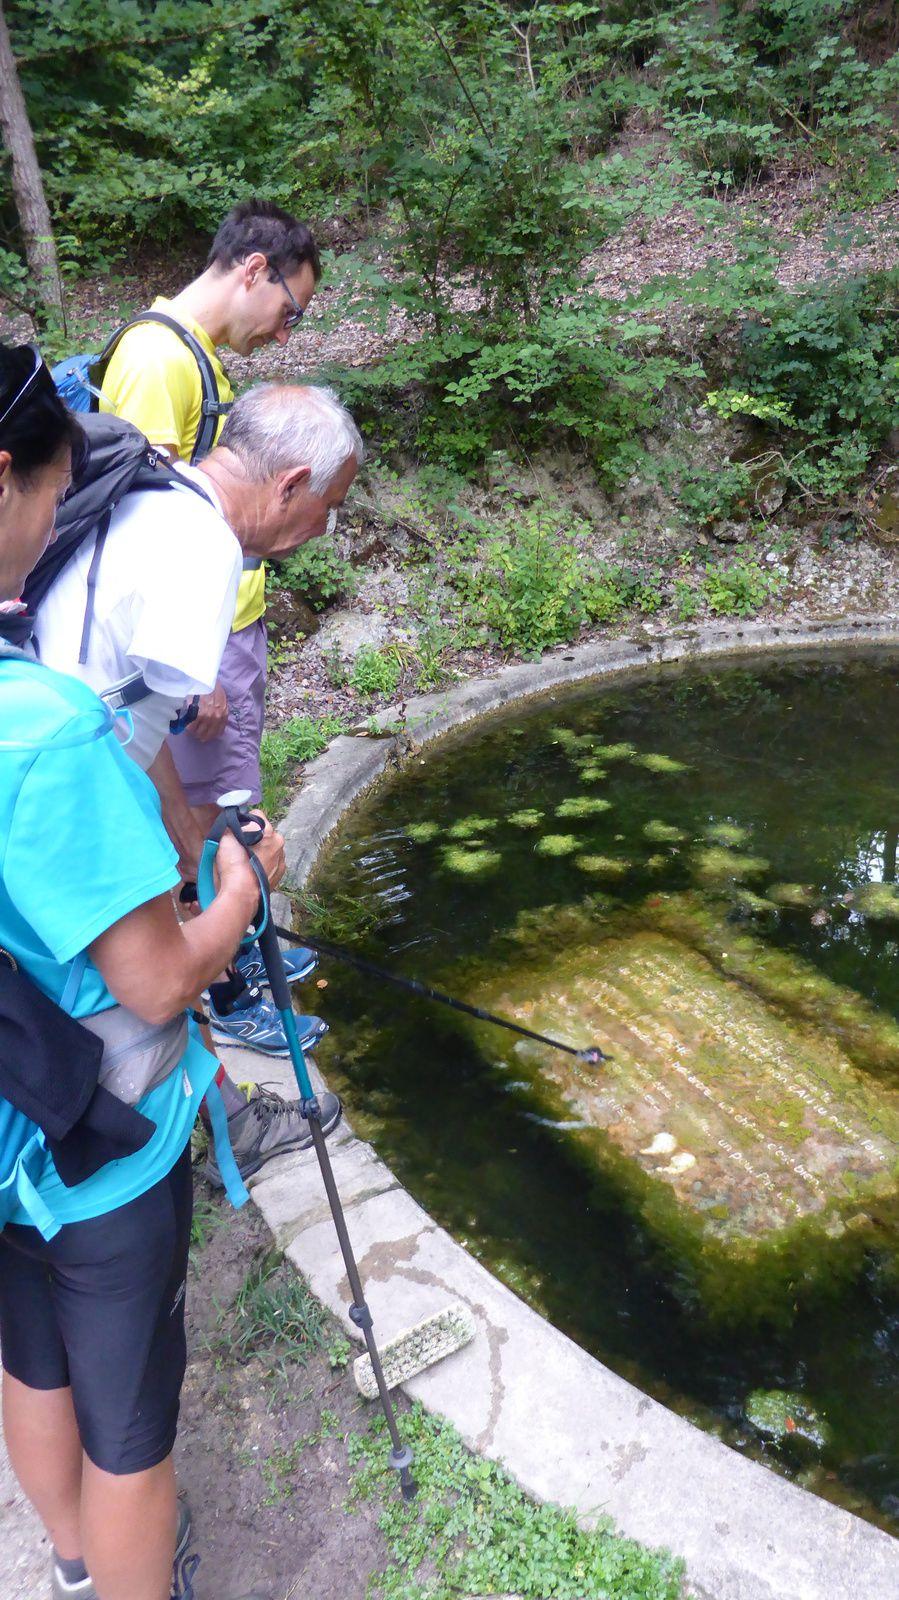 Un peu après Castelnau-sur-l'Auvignon, nous trouvons un plan d'eau avec une plaque dont l'inscription se divulgue quand on la bouge, ce que fait Jean-Paul avec son bâton.